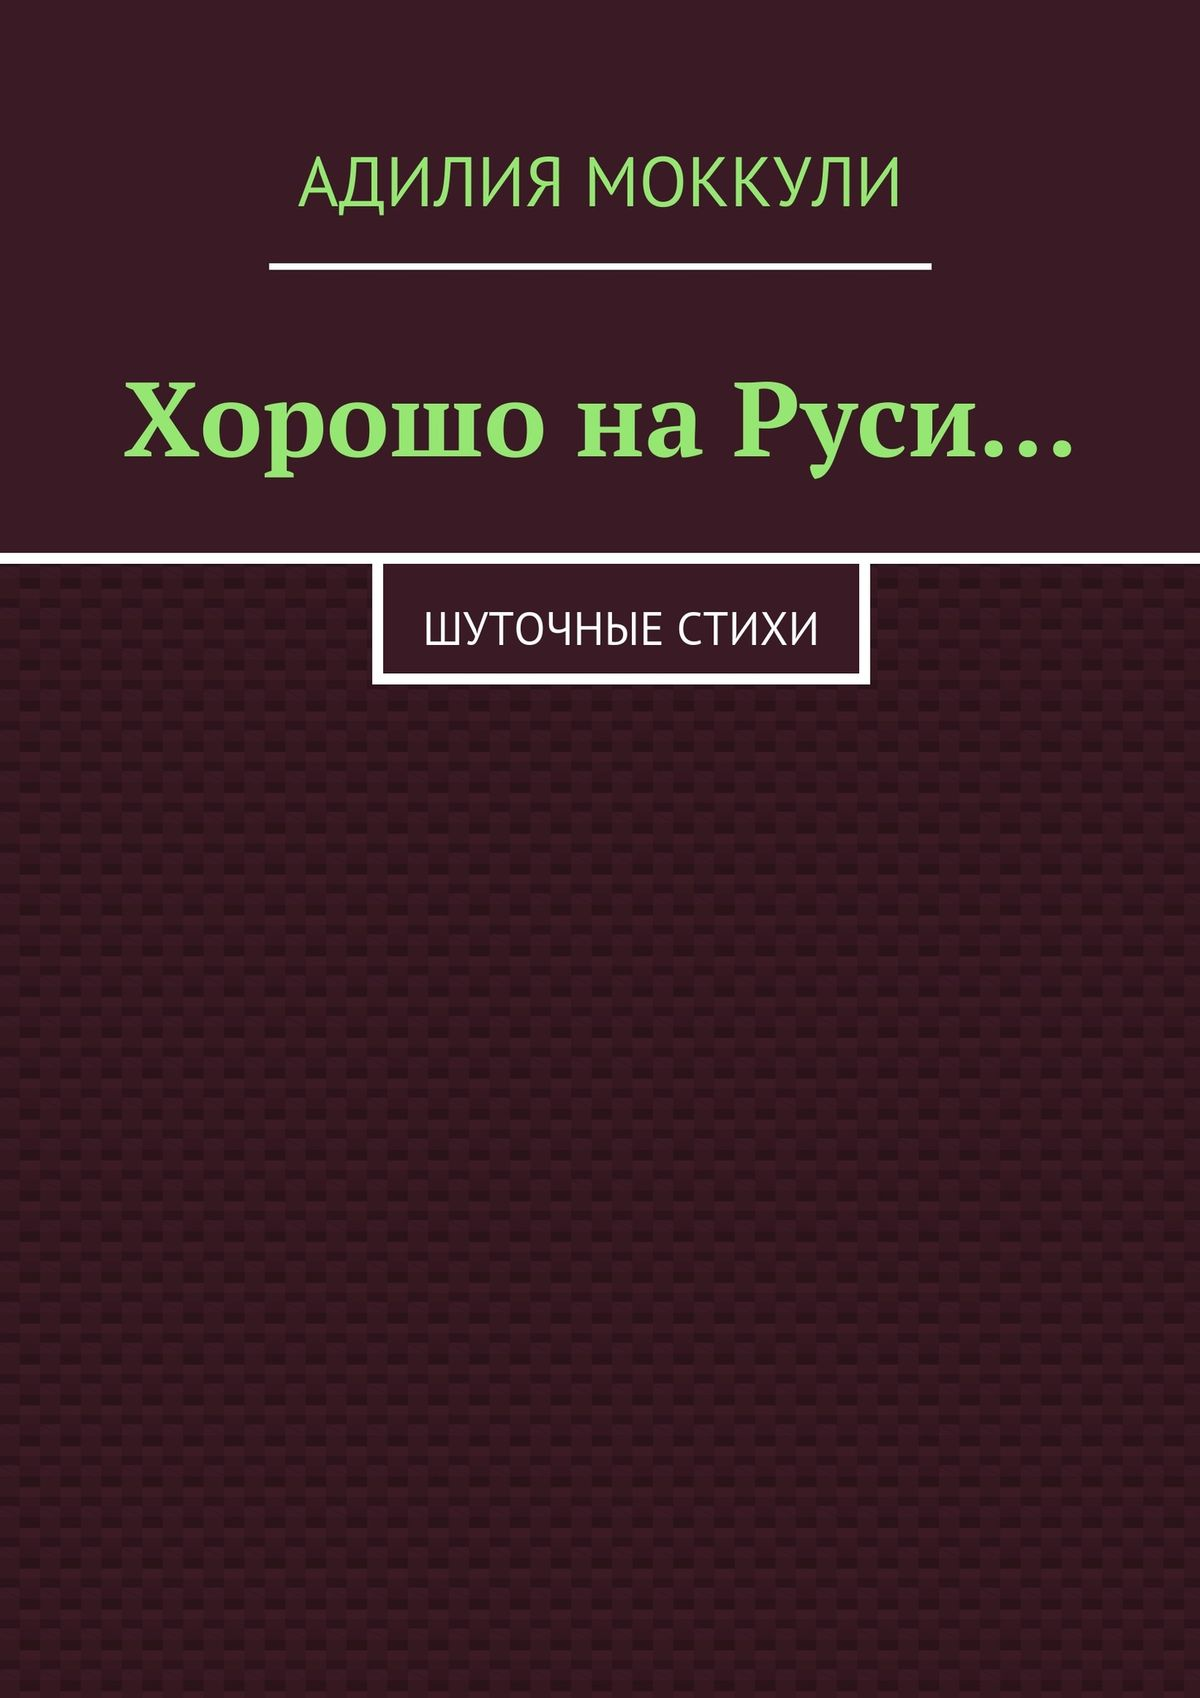 Адилия Моккули Хорошо на Руси… адилия моккули осень играет печально нафлейте